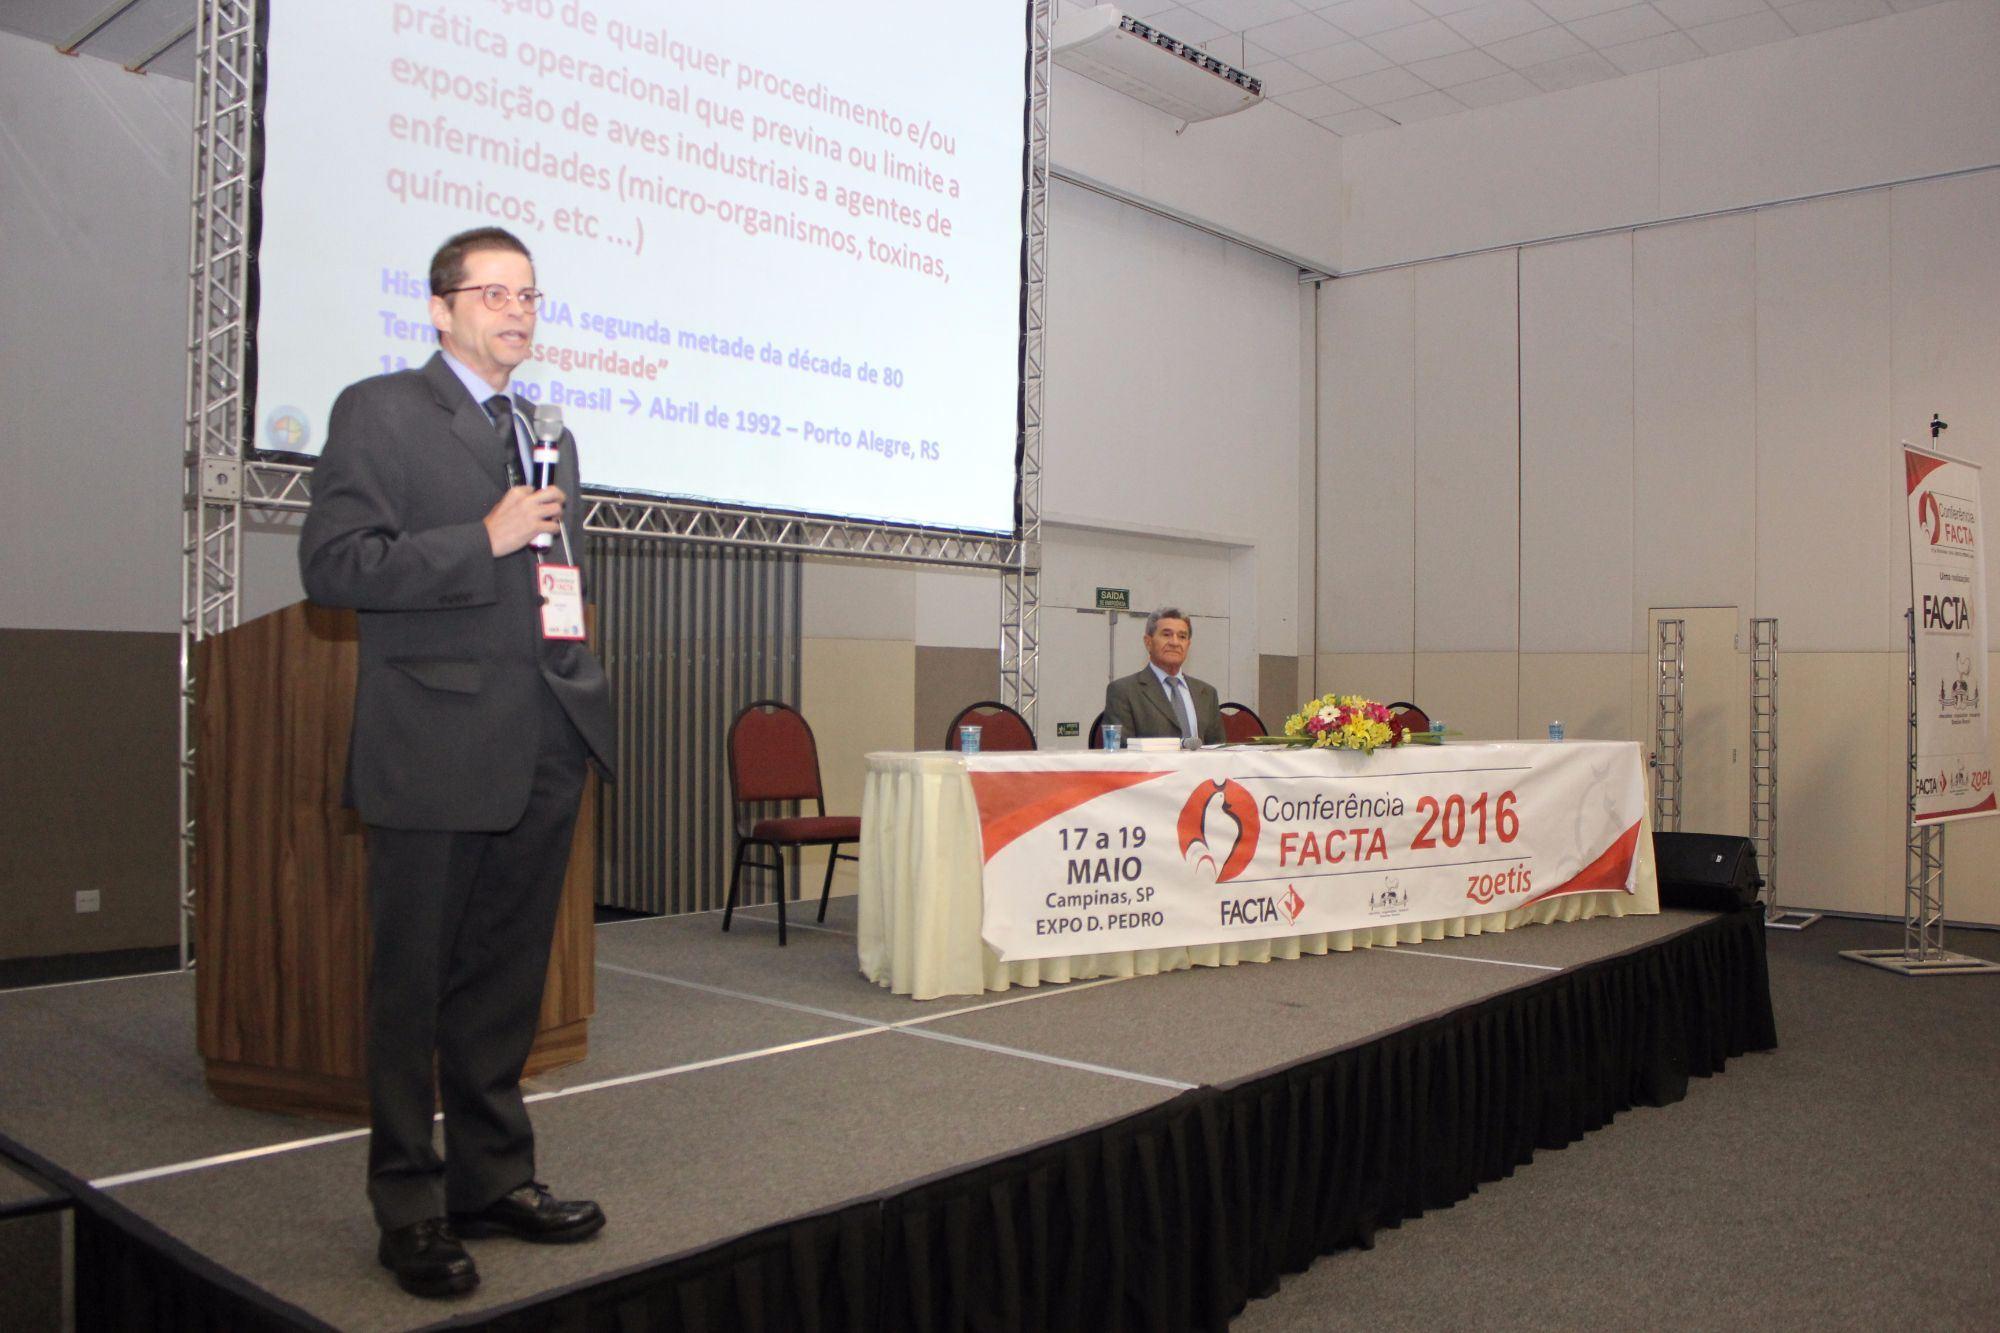 Conferência Facta 2016 discute os desafios da avicultura sustentável, Conferência Facta 2016 discute os desafios da avicultura sustentável